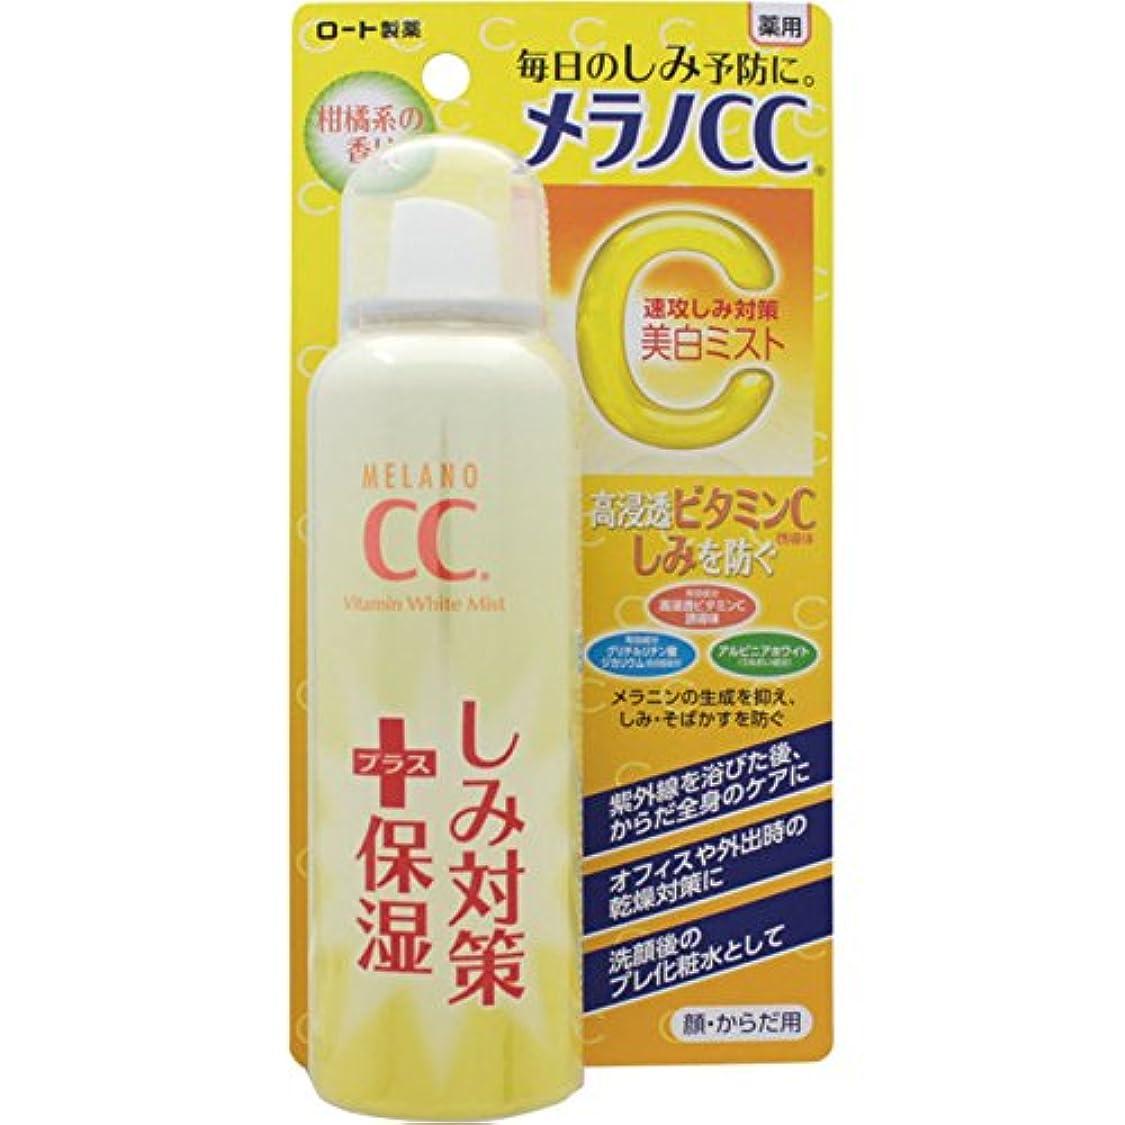 ズーム滞在コミット【医薬部外品】メラノCC 薬用しみ対策 美白ミスト化粧水 100g